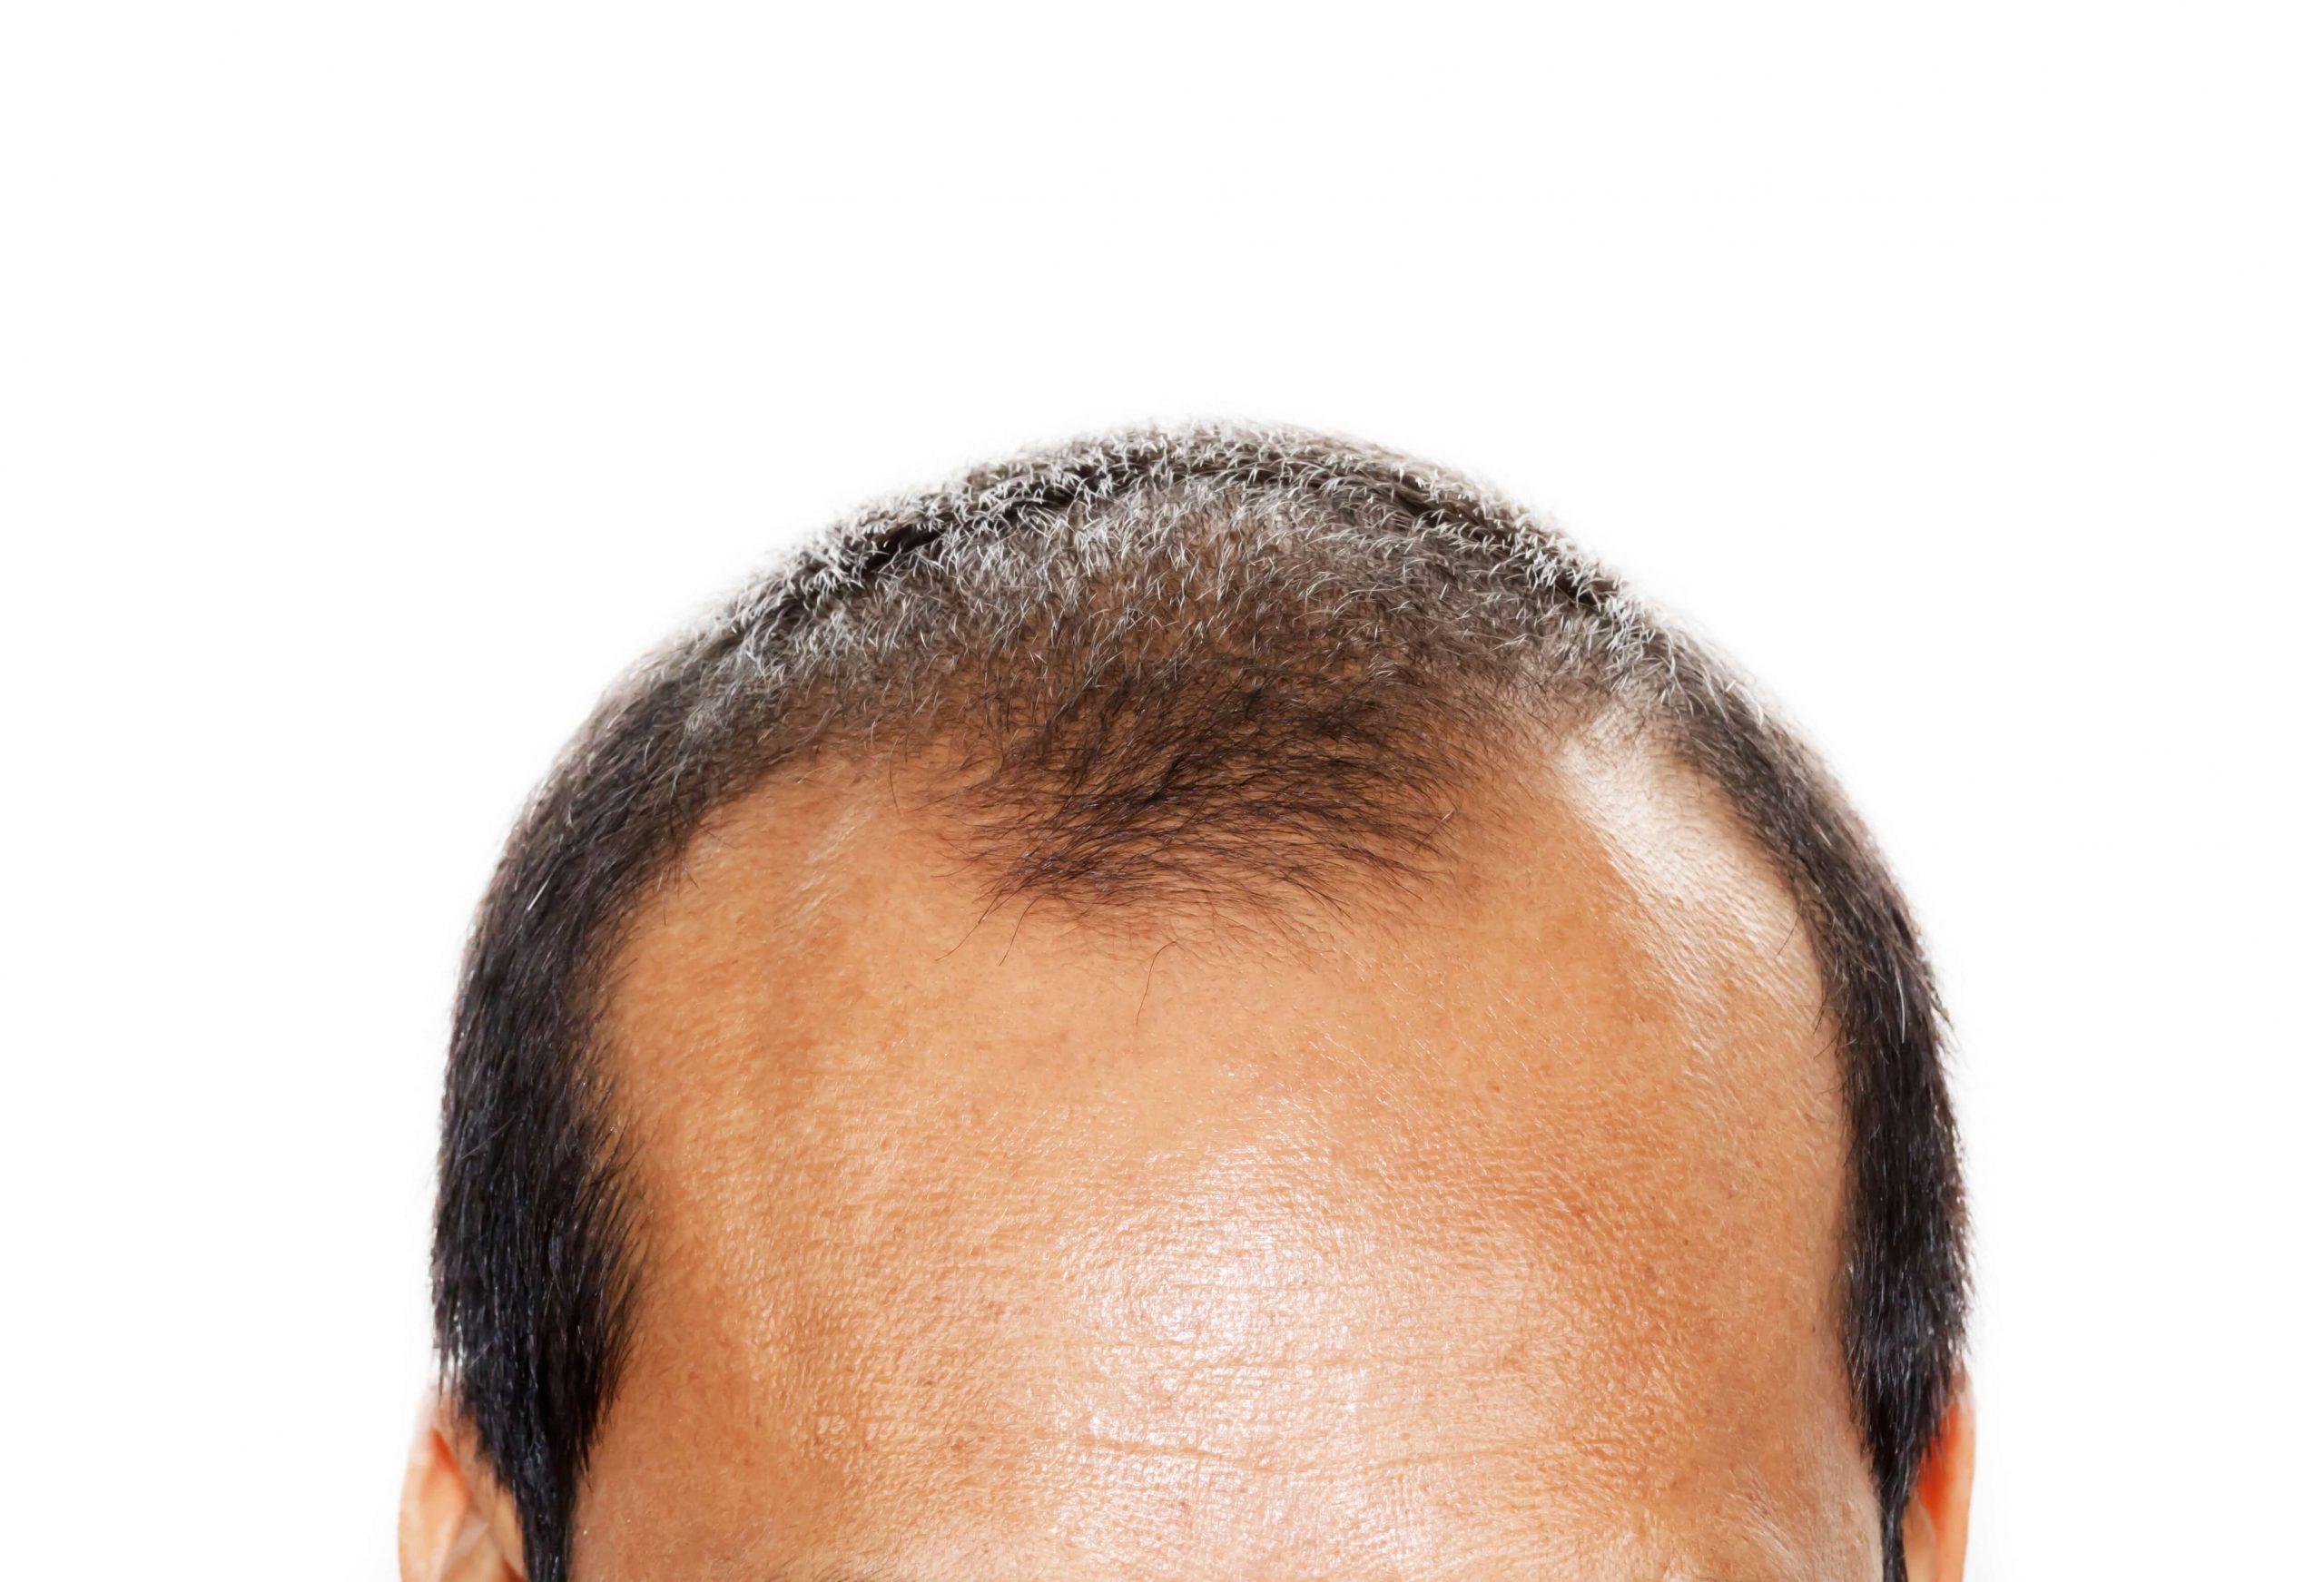 Greffe de cheveux DHI (implantation directe de cheveux) - Zty Health Istanbul